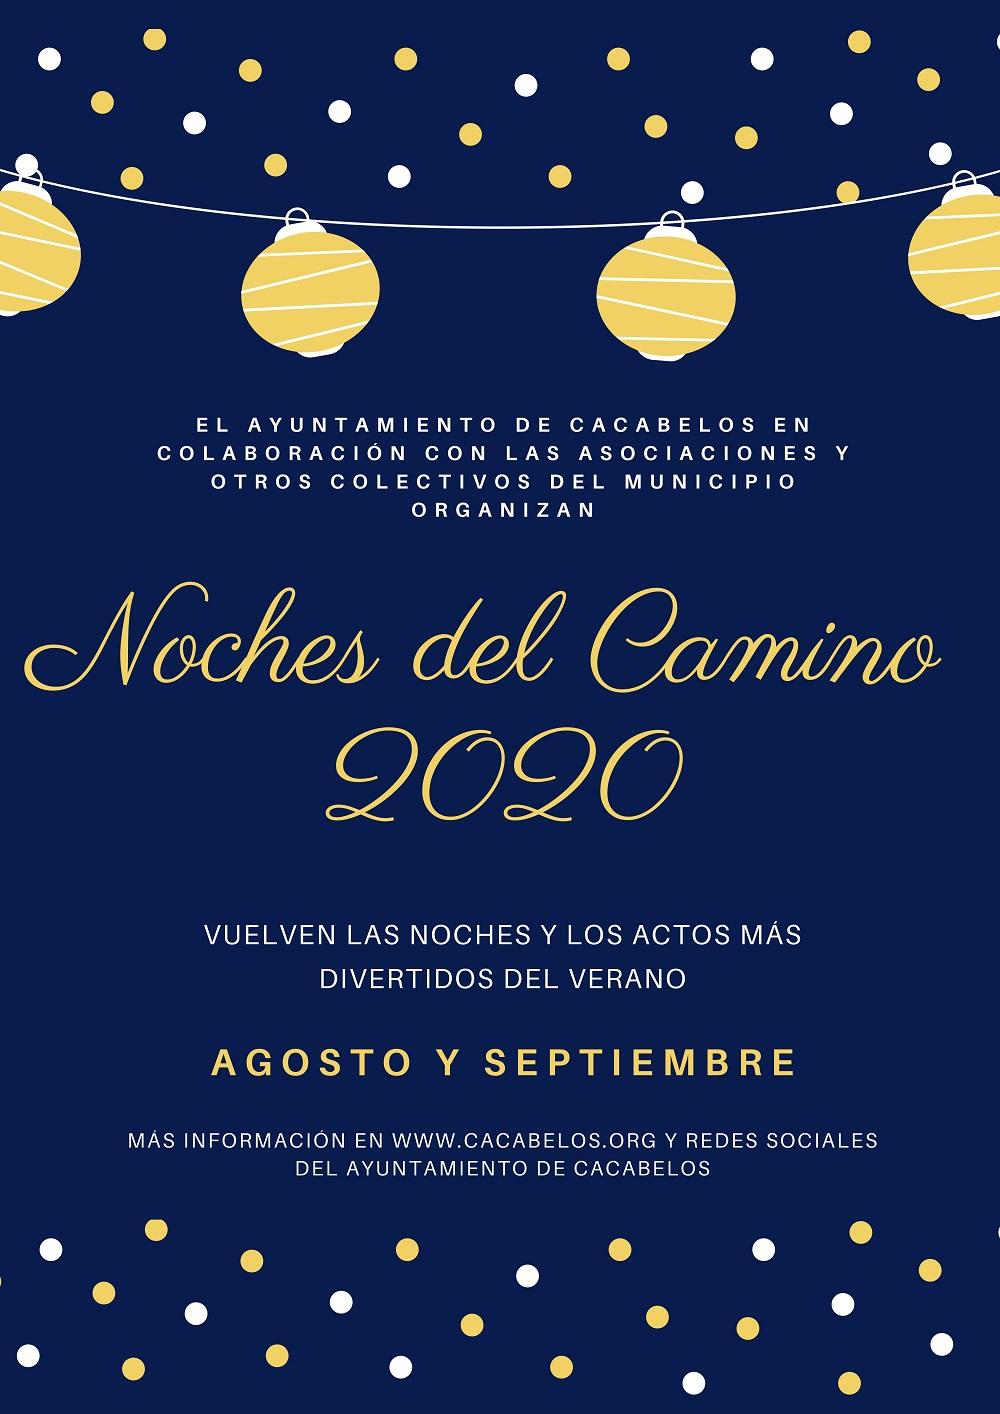 Cacabelos celebra las noches del Camino 2020 que incluyen cine, charlas o exposiciones a lo largo de agosto y septiembre 2